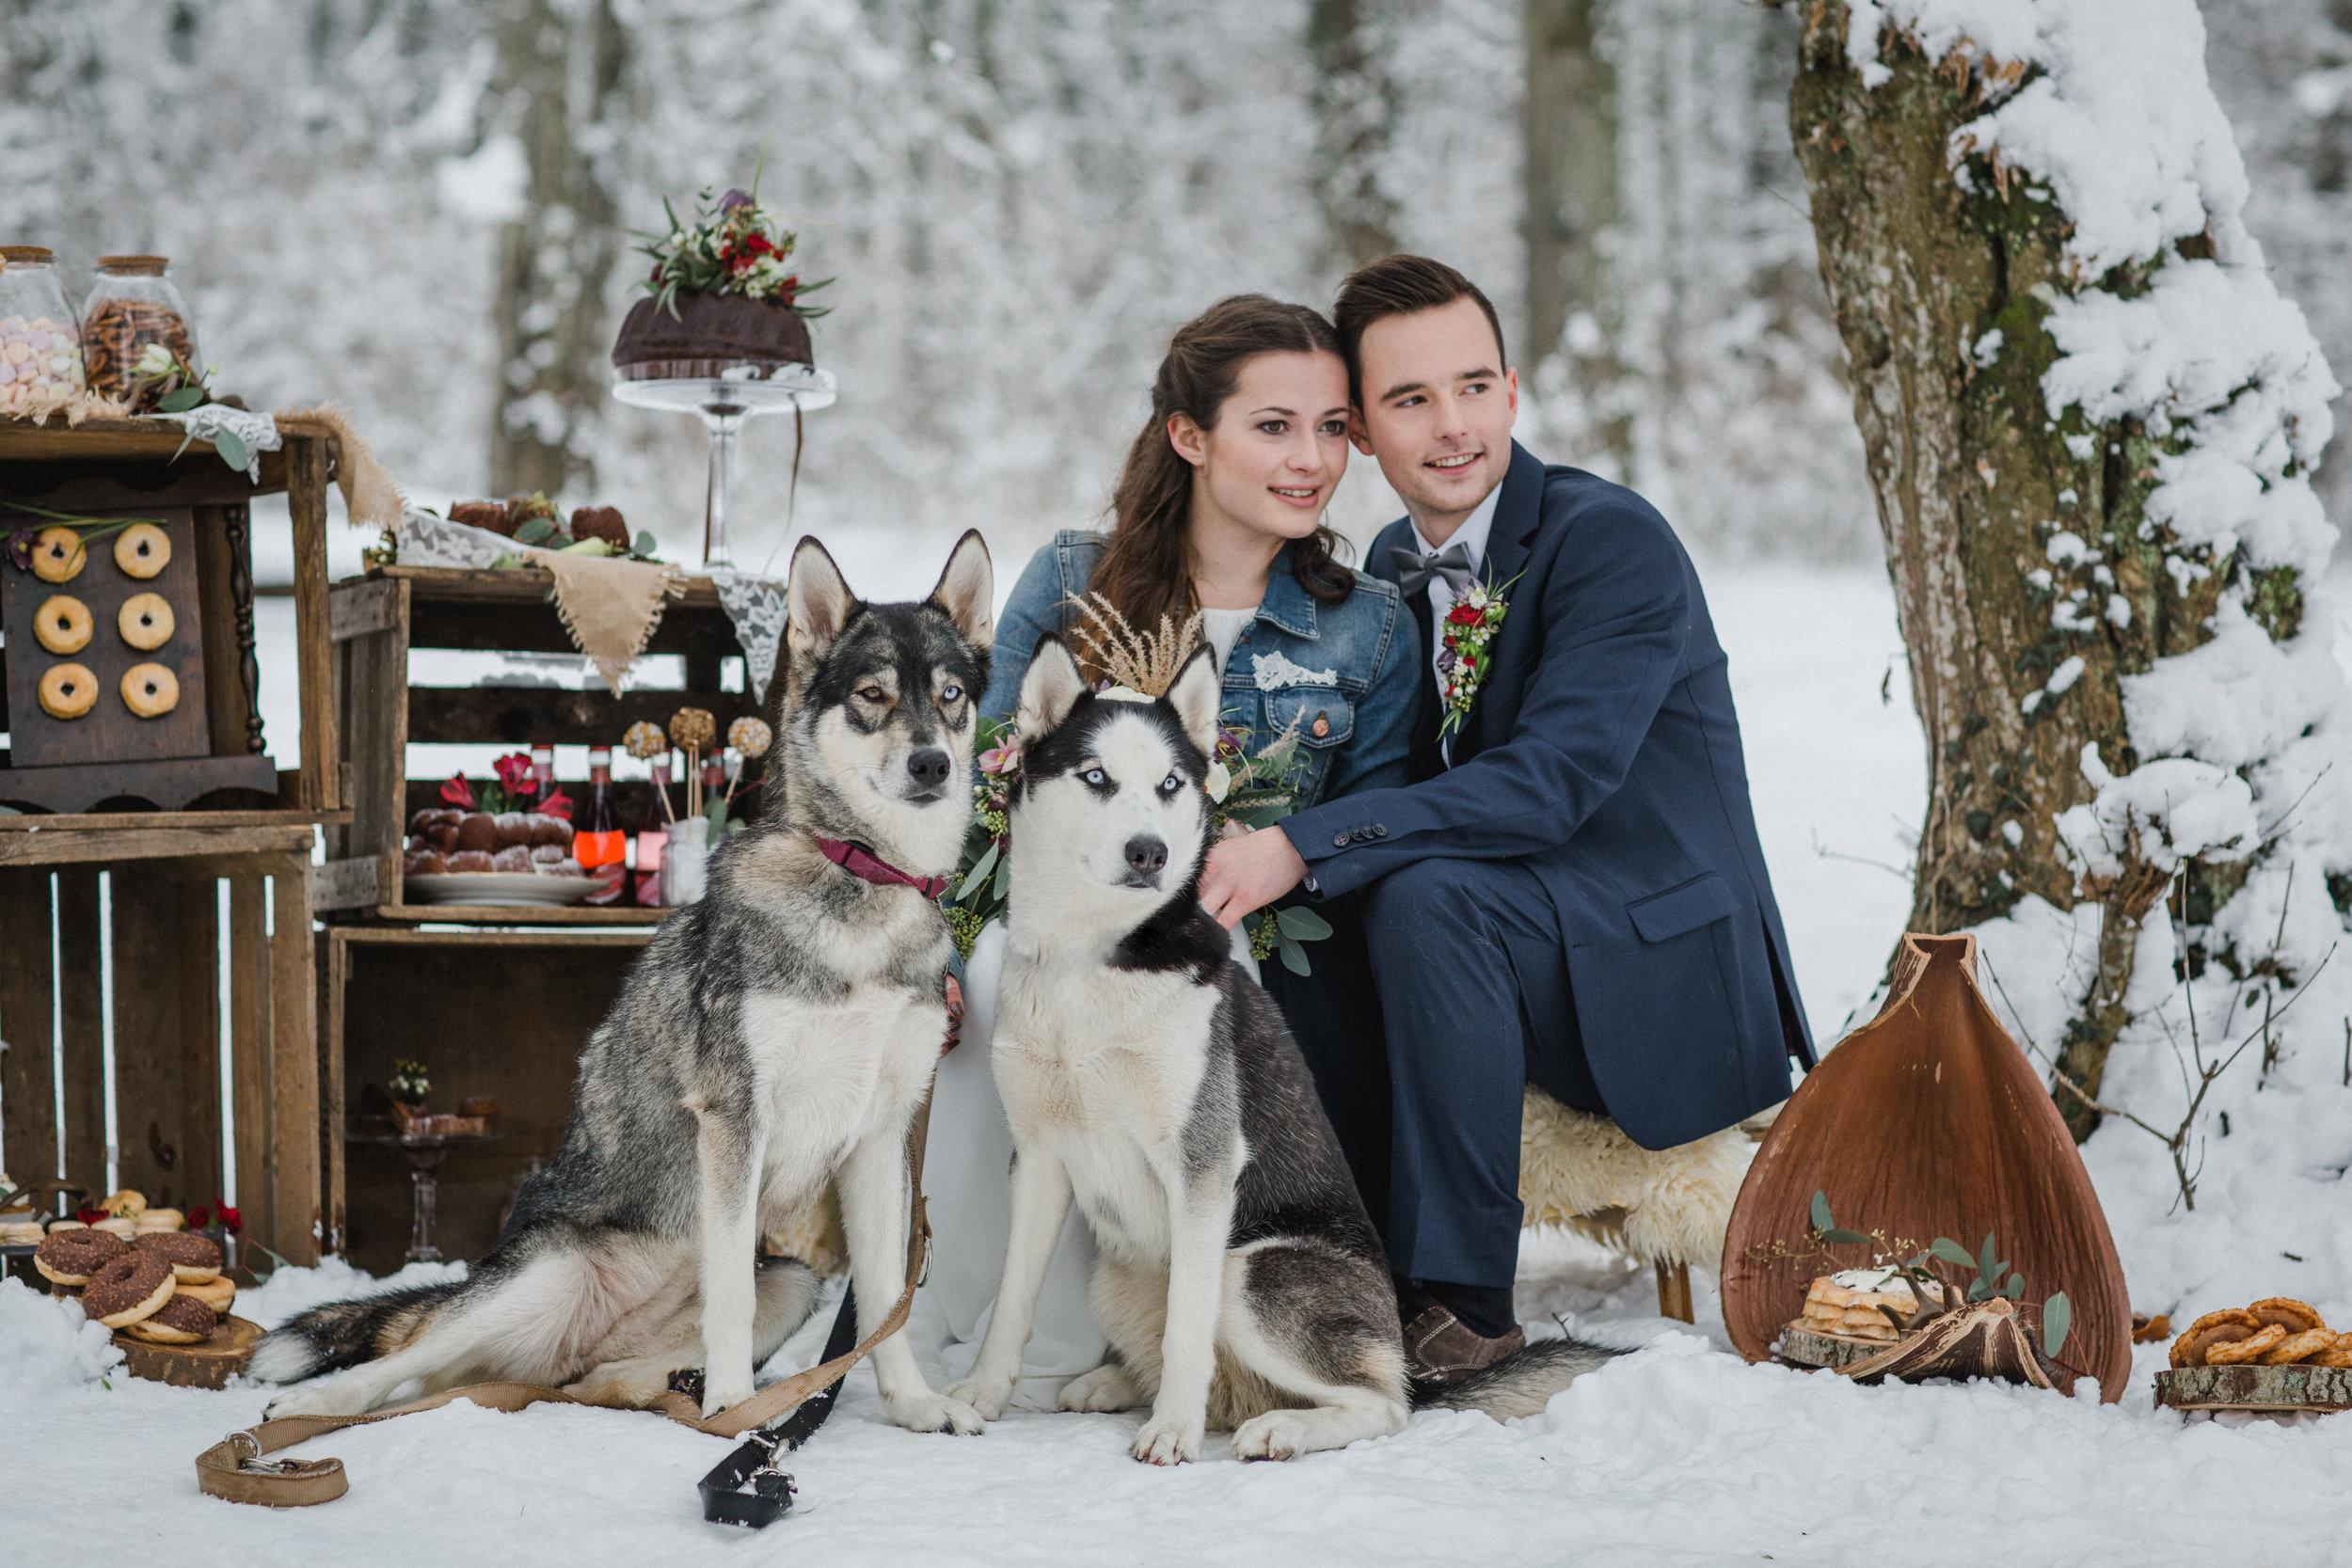 yessica-baur-fotografie-styleshooting-huskies-4092.JPG